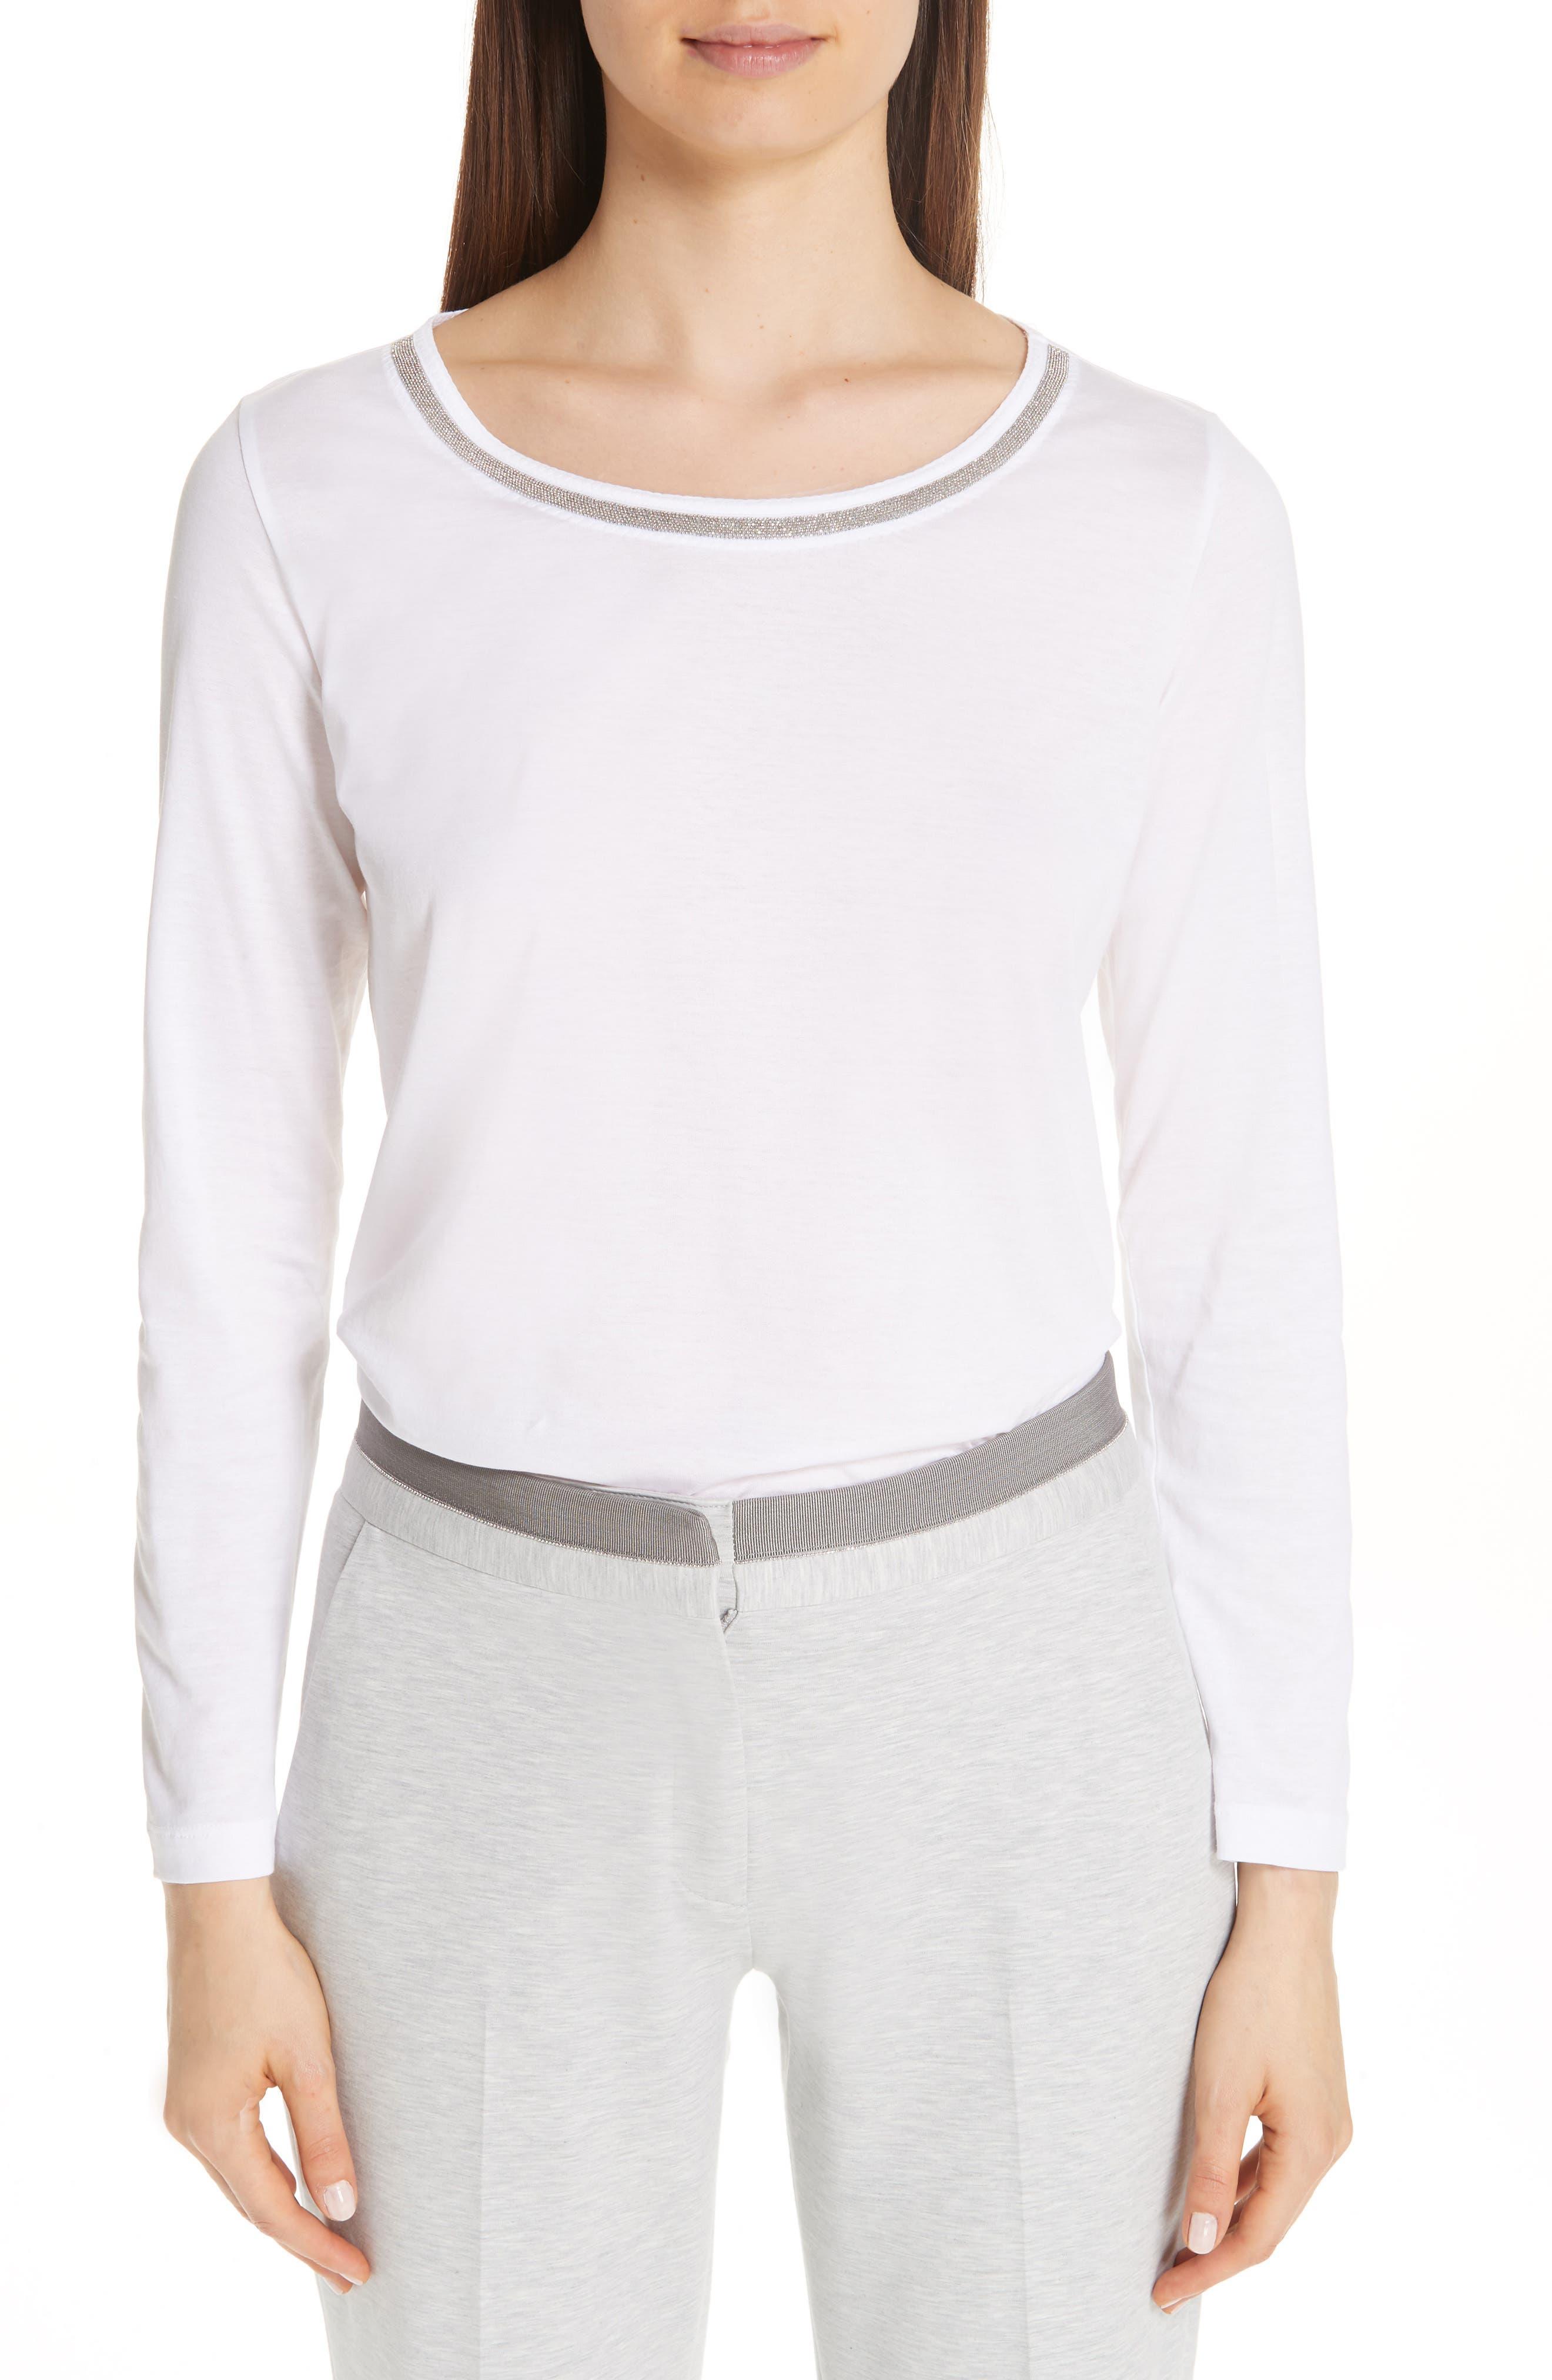 FABIANA FILIPPI Chain Trim Jersey Top, Main, color, WHITE